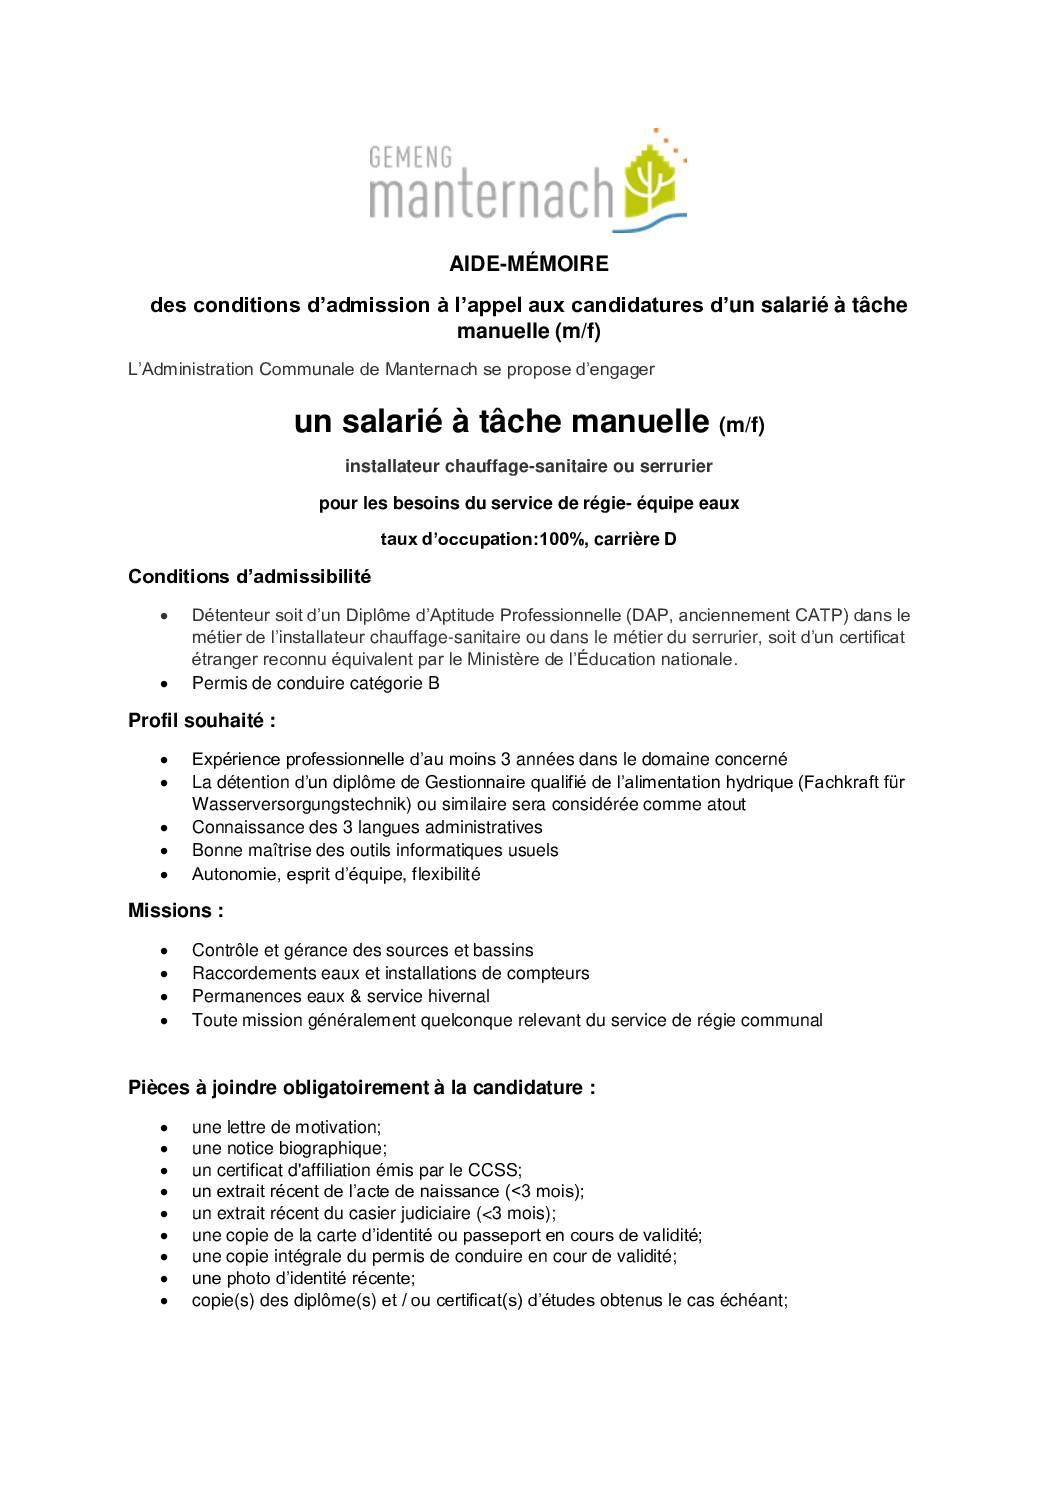 Salarié à tâche manuelle_version 2 CP 2021.09.17